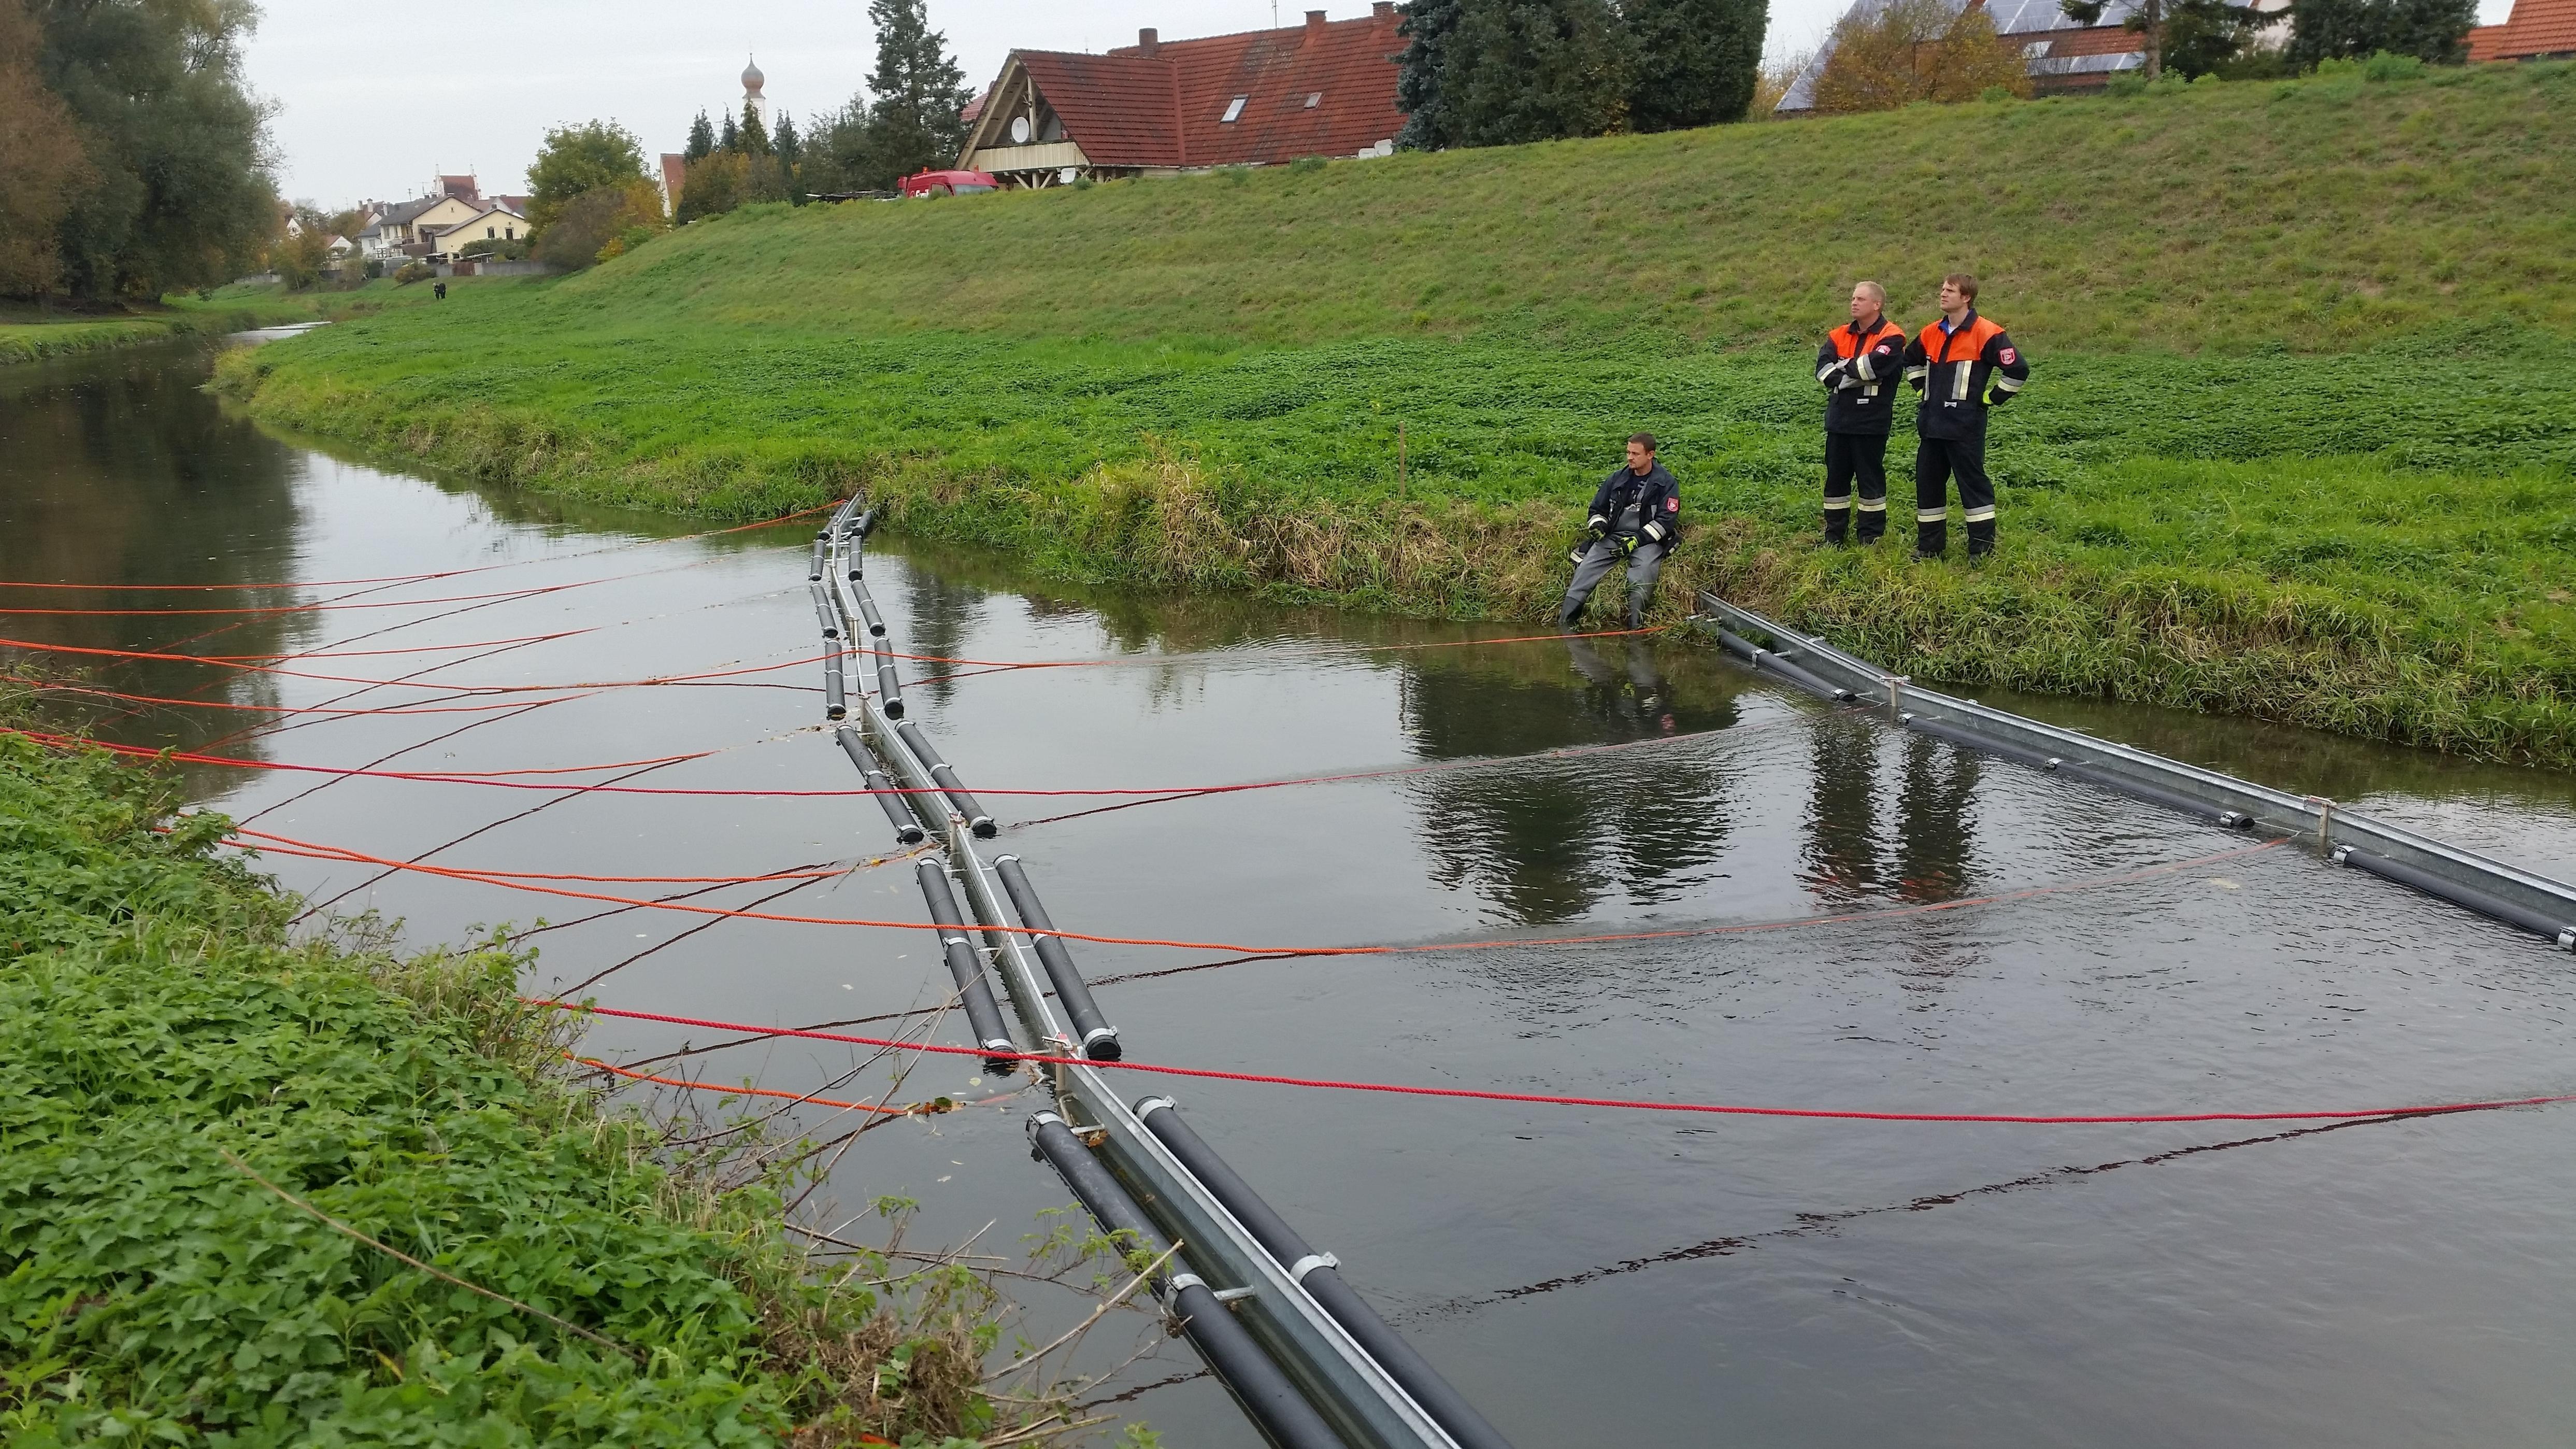 Die beiden Ölsperren schwimmen auf der Irschinger Ach.